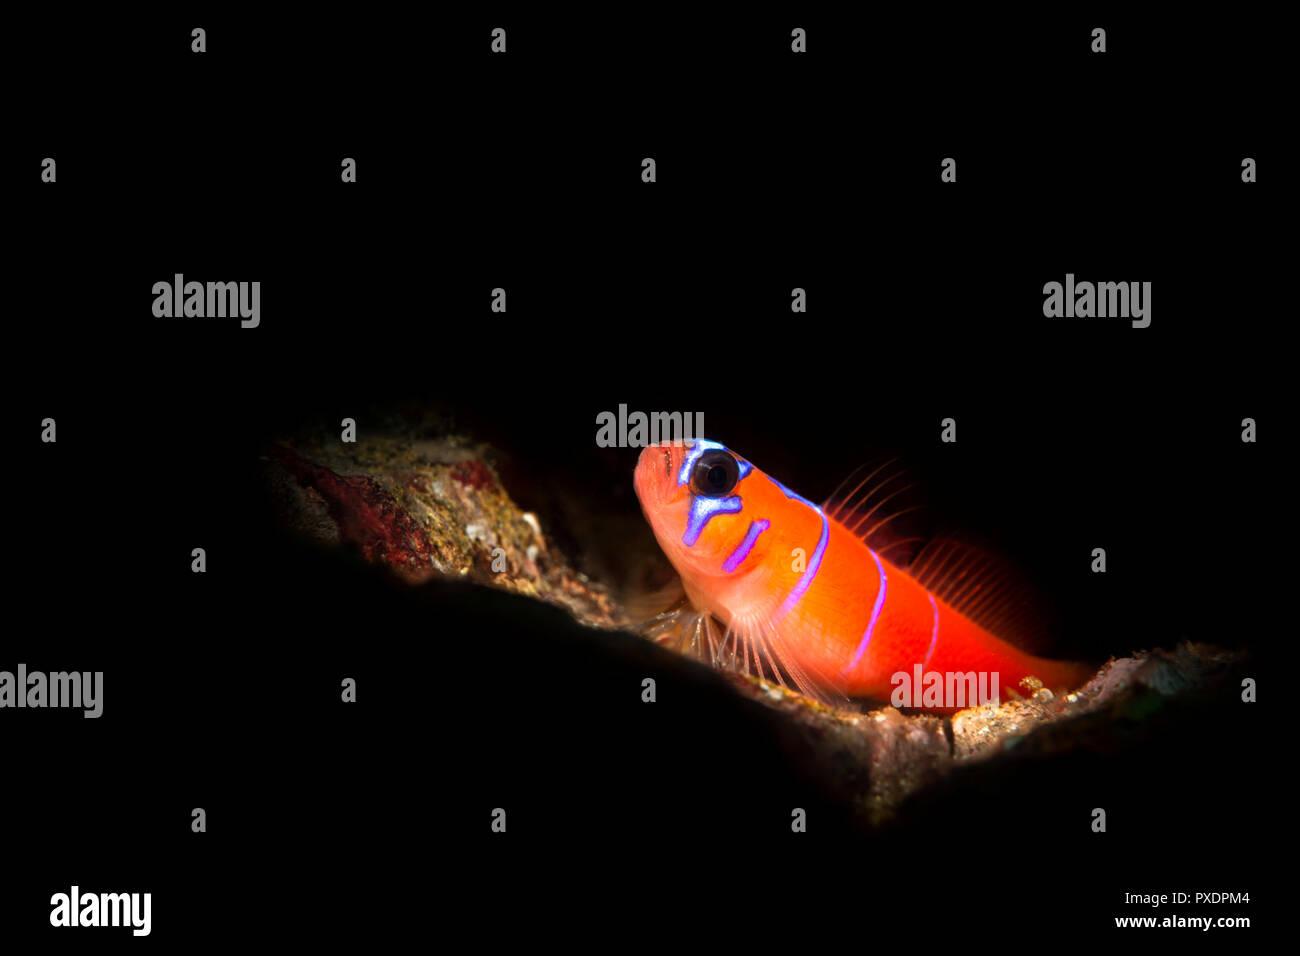 Una pequeña y vibrante, con bandas azules Catalina goby descansa sobre un arrecife. El pescado estaba iluminado con una luz snoot, que da un pequeño rayo de luz brillante para el negro Imagen De Stock